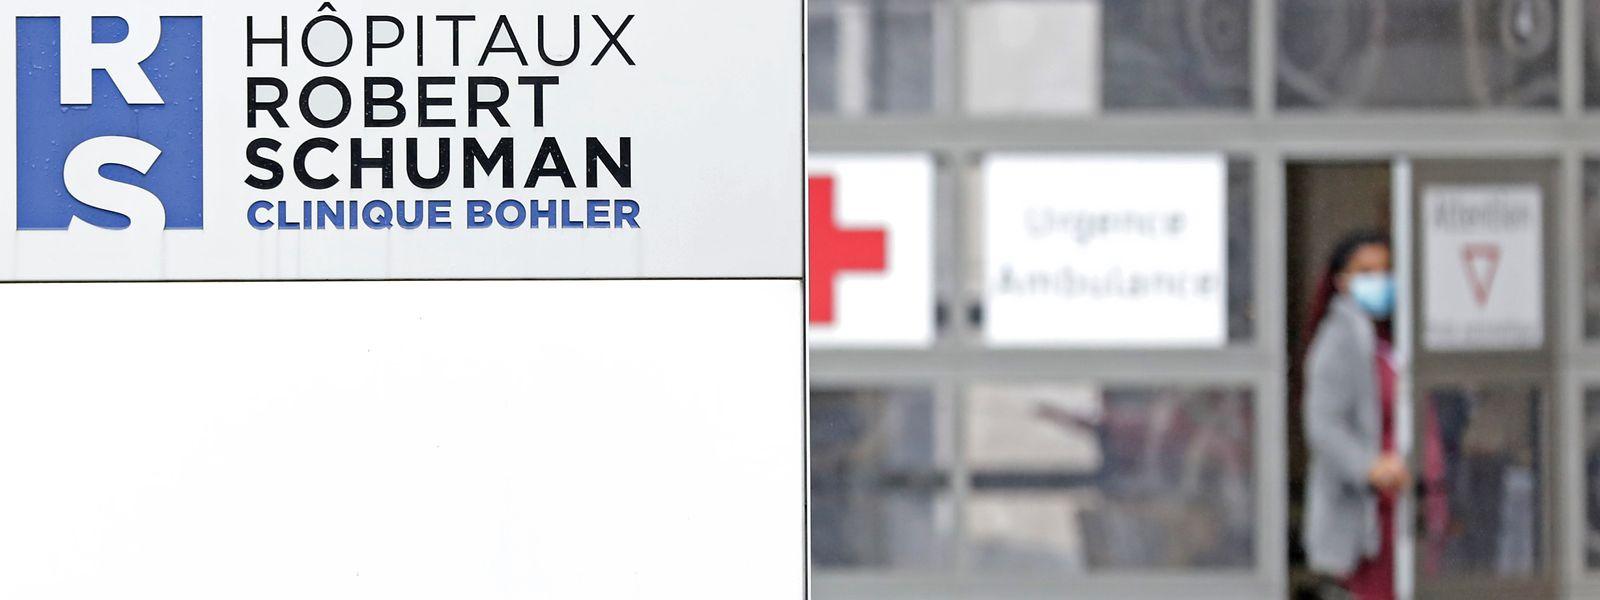 Welche Funktion die betroffene Person in der Clinique Dr. Bohler ausübte, ist nicht bekannt - mit Patienten soll die Person jedoch keinen Kontakt gehabt haben.